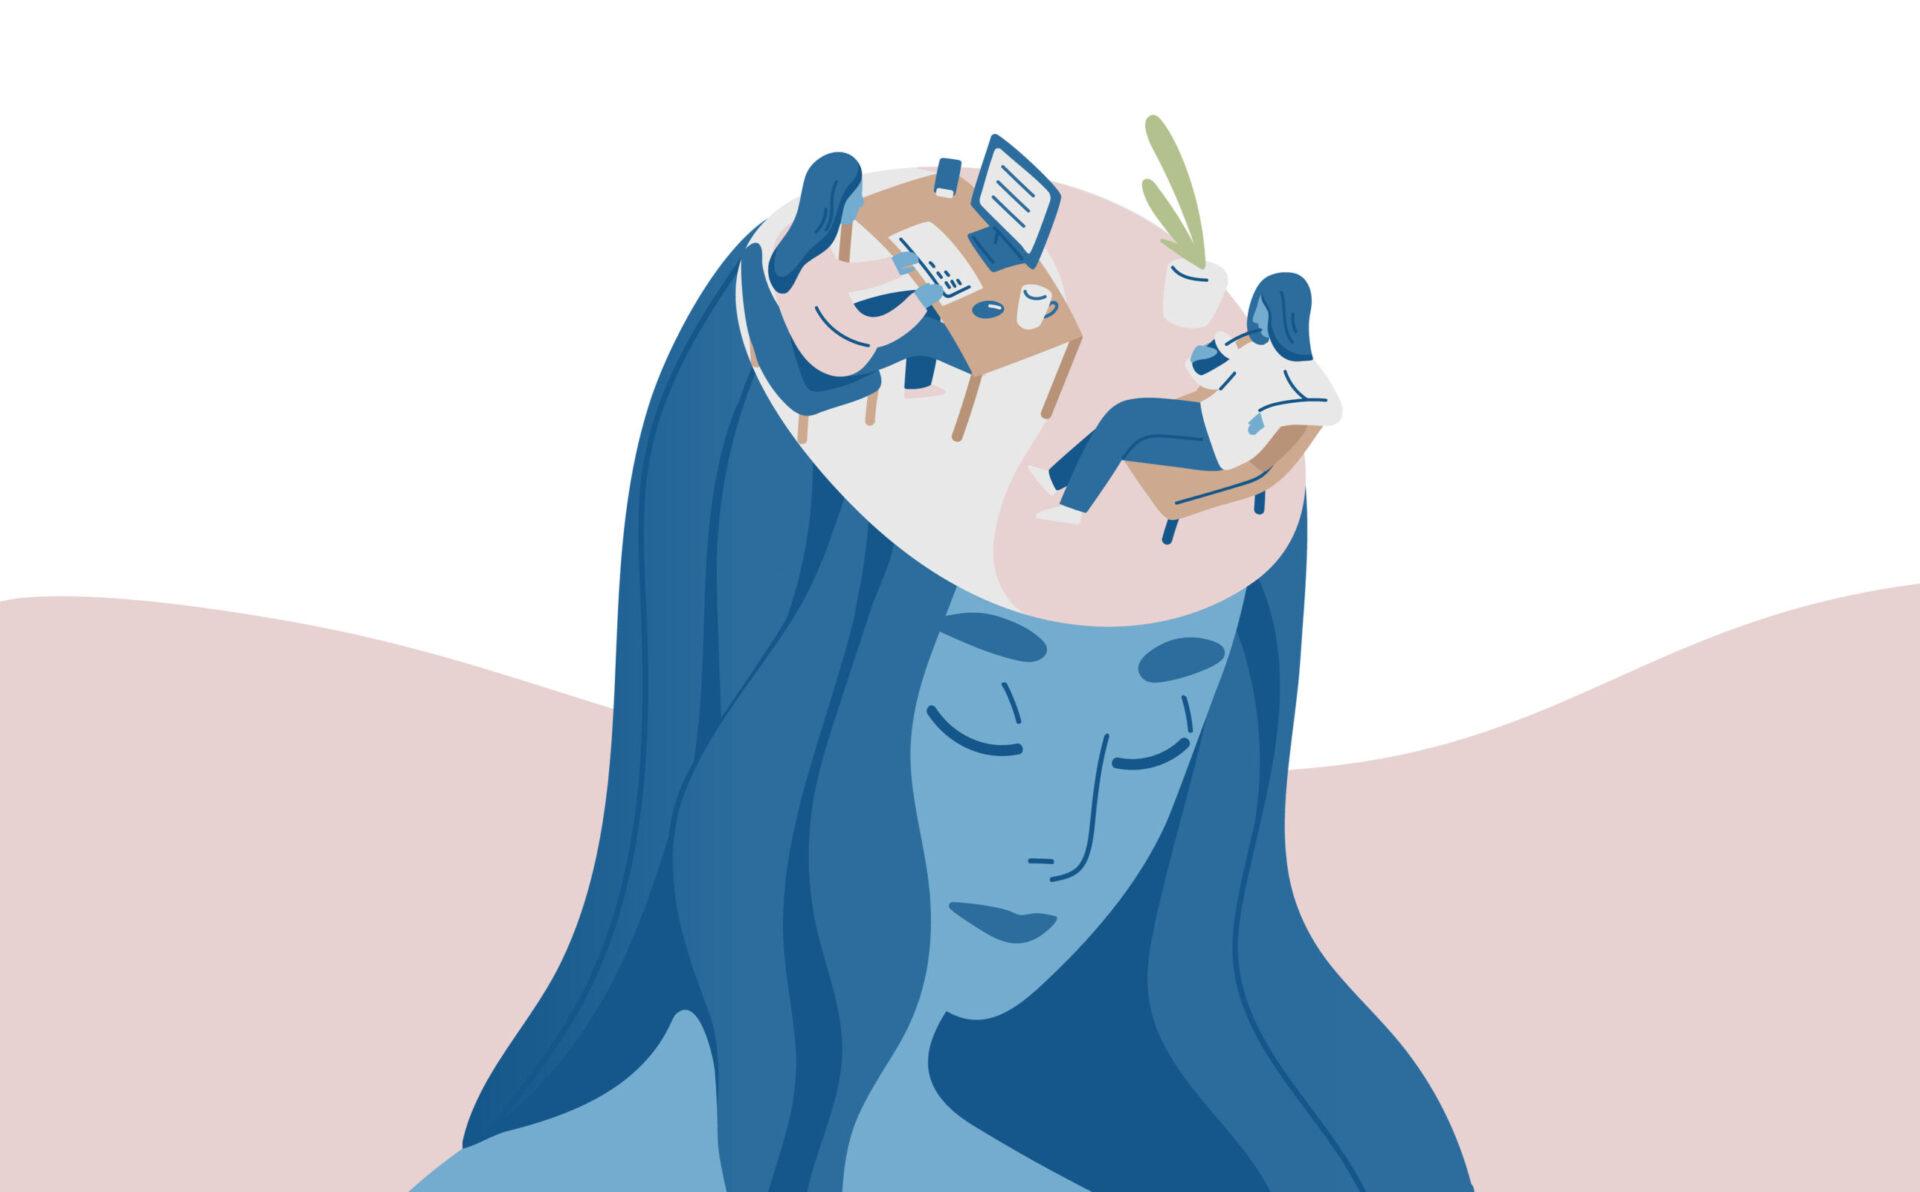 femeie aplicând tehnici de relaxare pentru a se elibera de stres